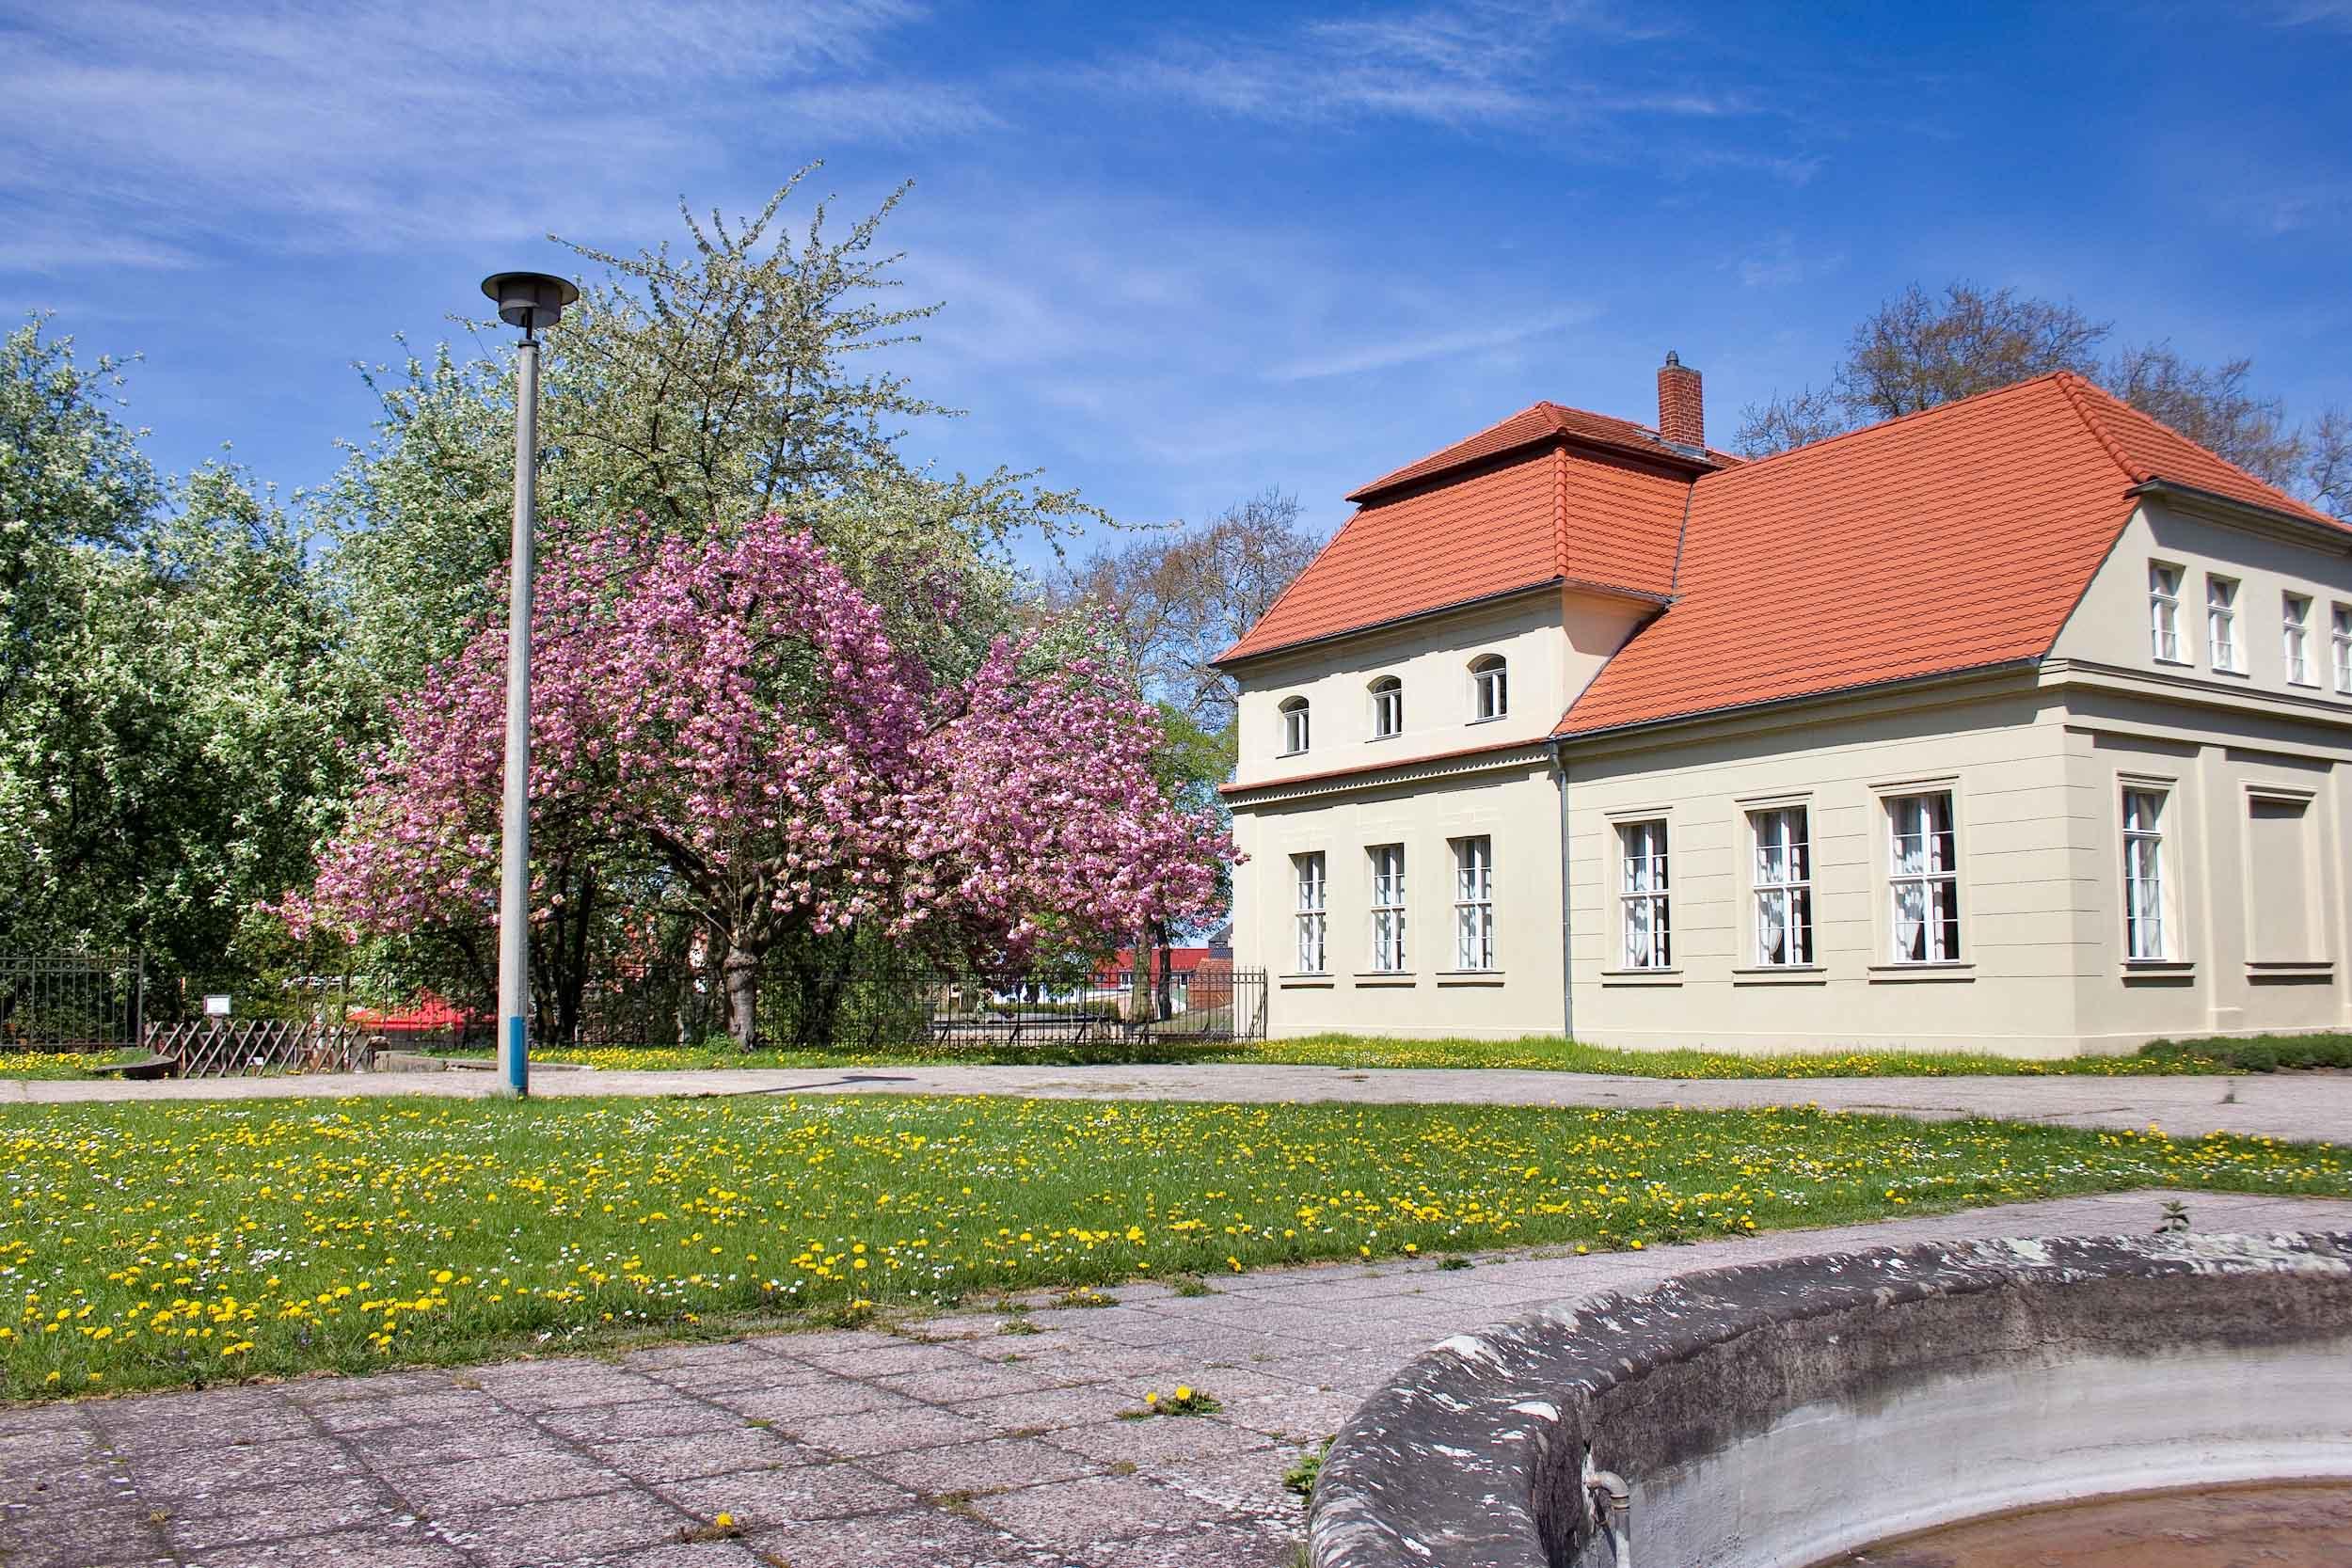 Gästehaus Außenansicht - Frühjahr